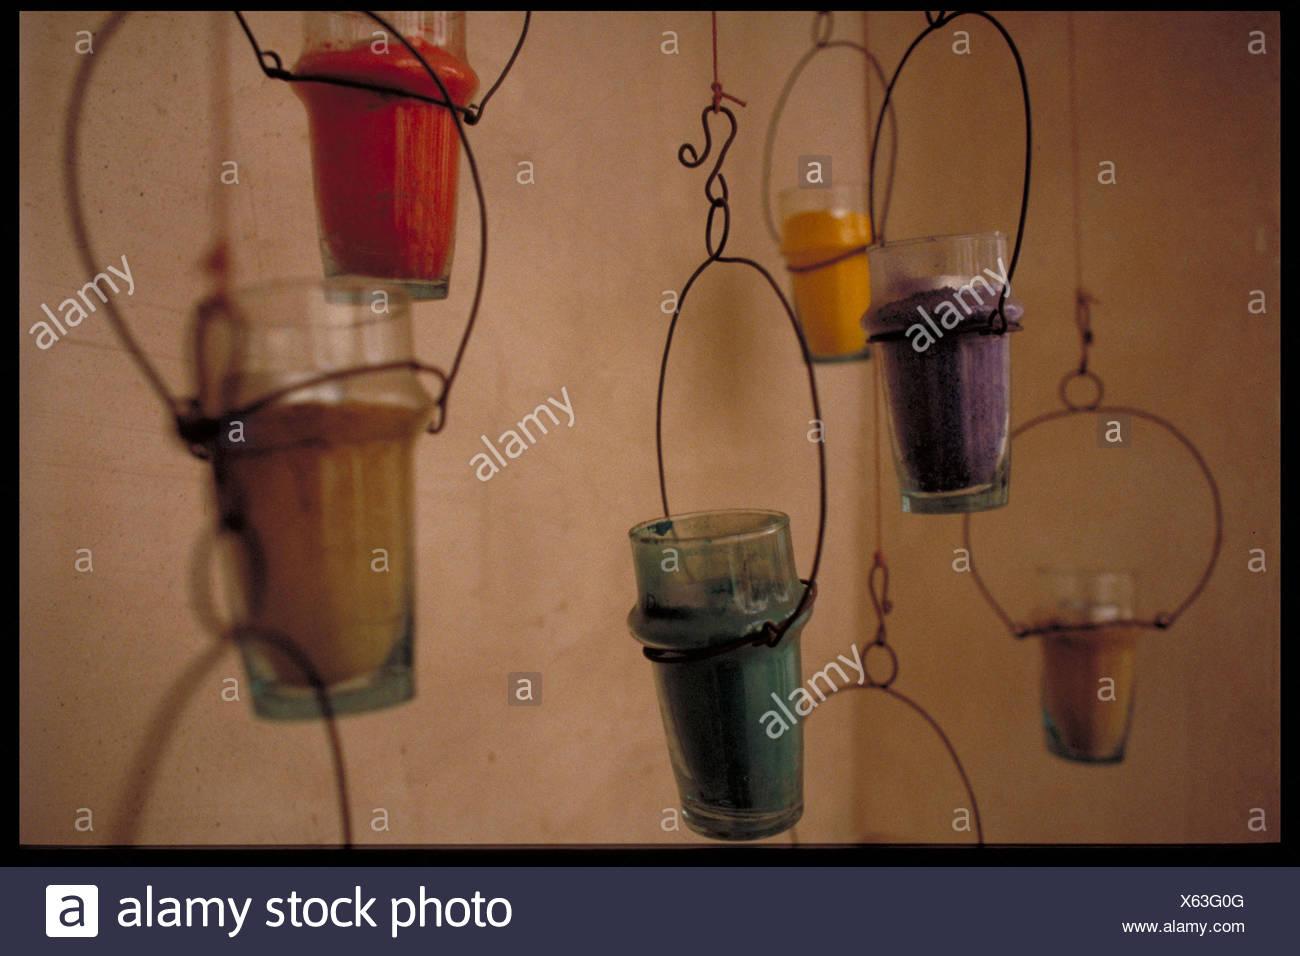 Il Colore Delle Candele.I Colori Delle Candele Decorazione Occhiali Est Glasswares